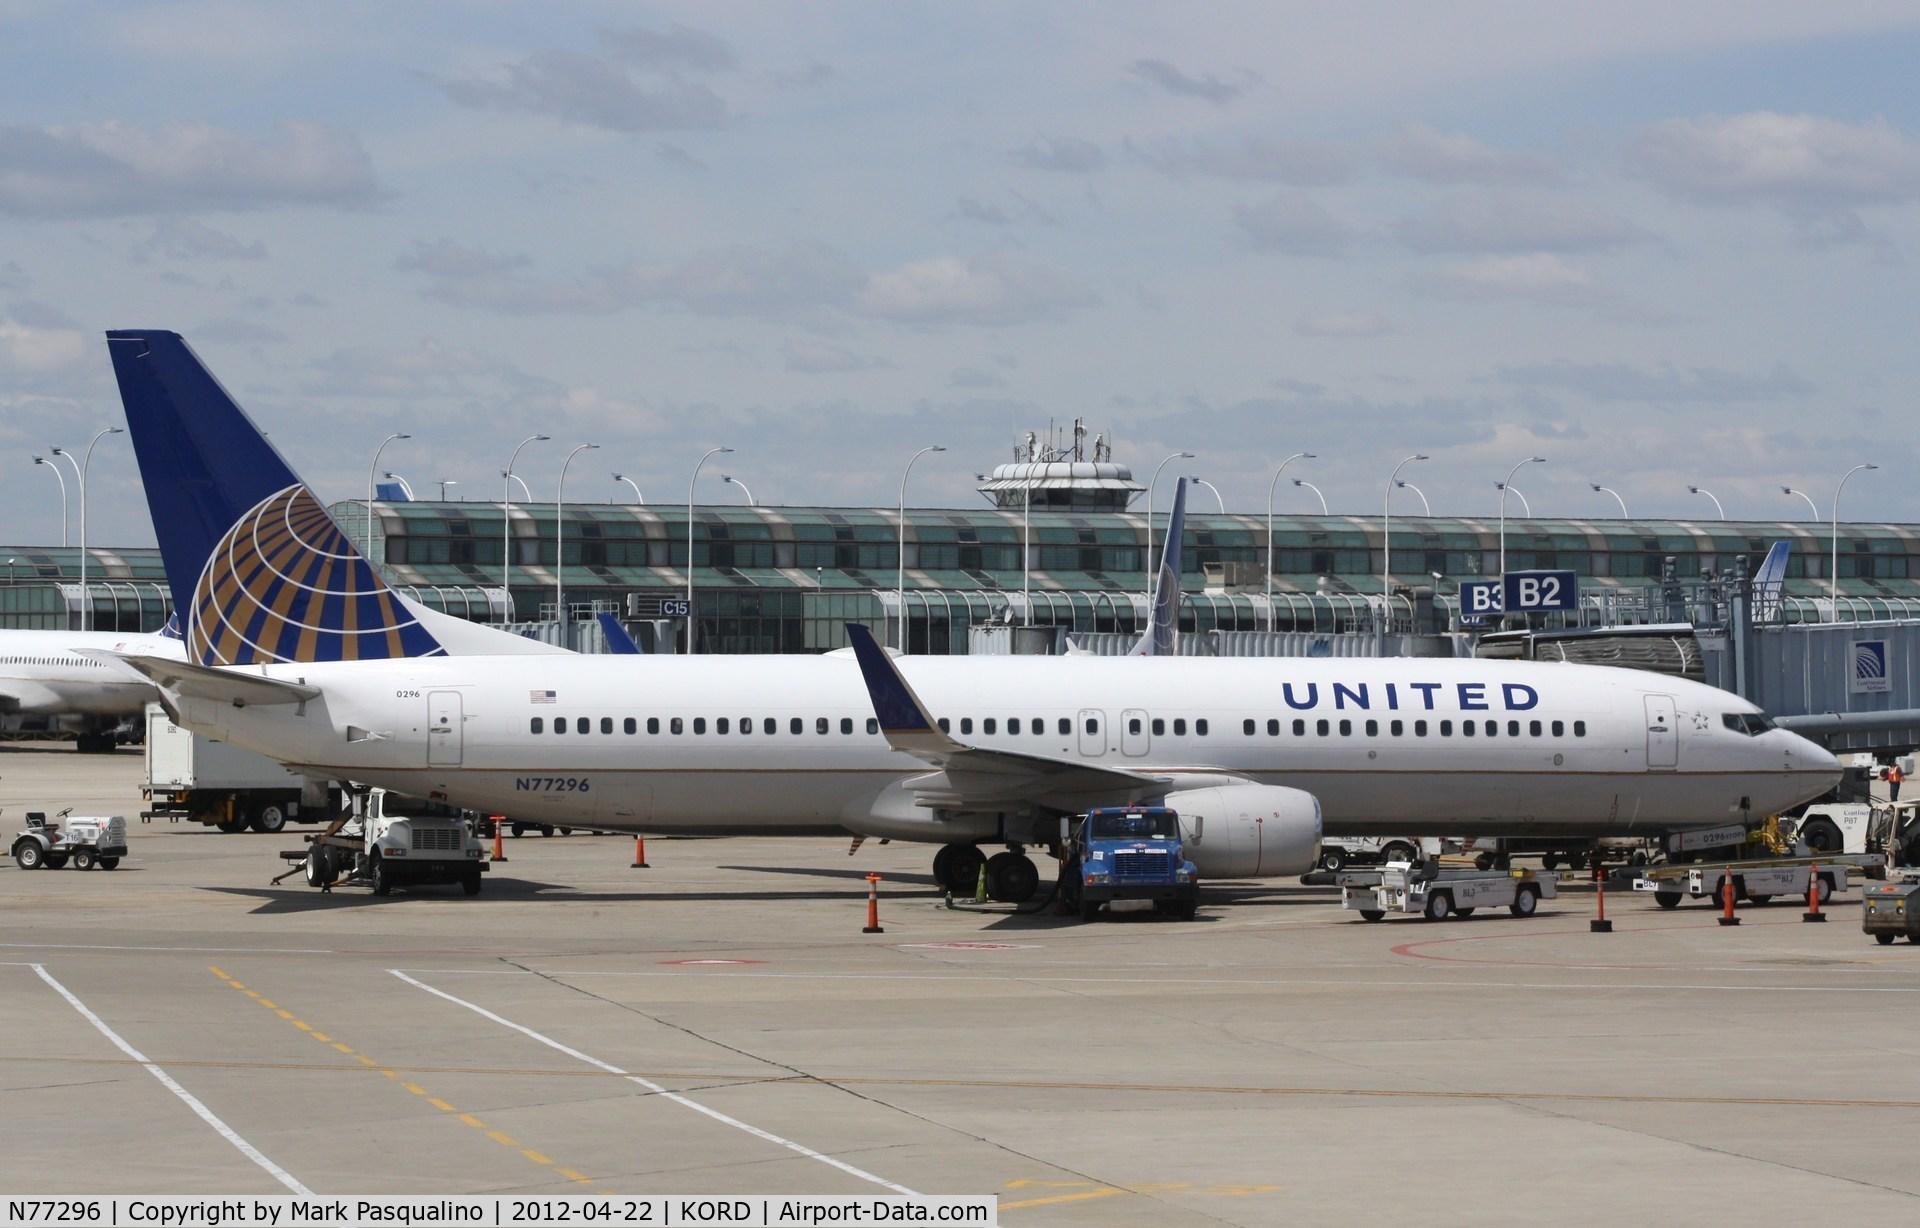 N77296, 2005 Boeing 737-824 C/N 34002, Boeing 737-800